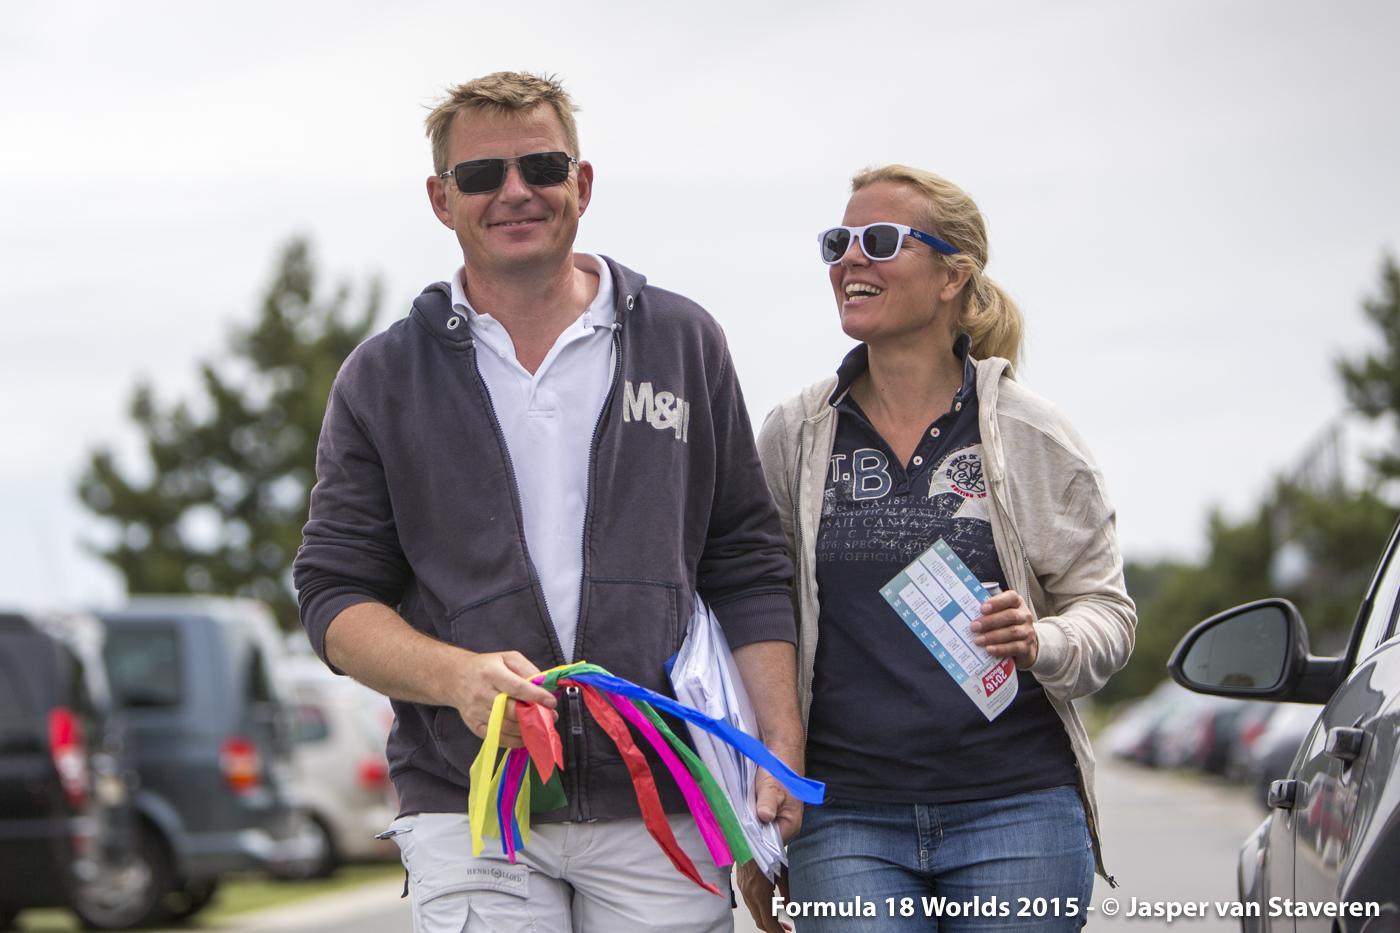 F18 Worlds 2015 - 11-07-2015 (Kiel - Germany)-7150